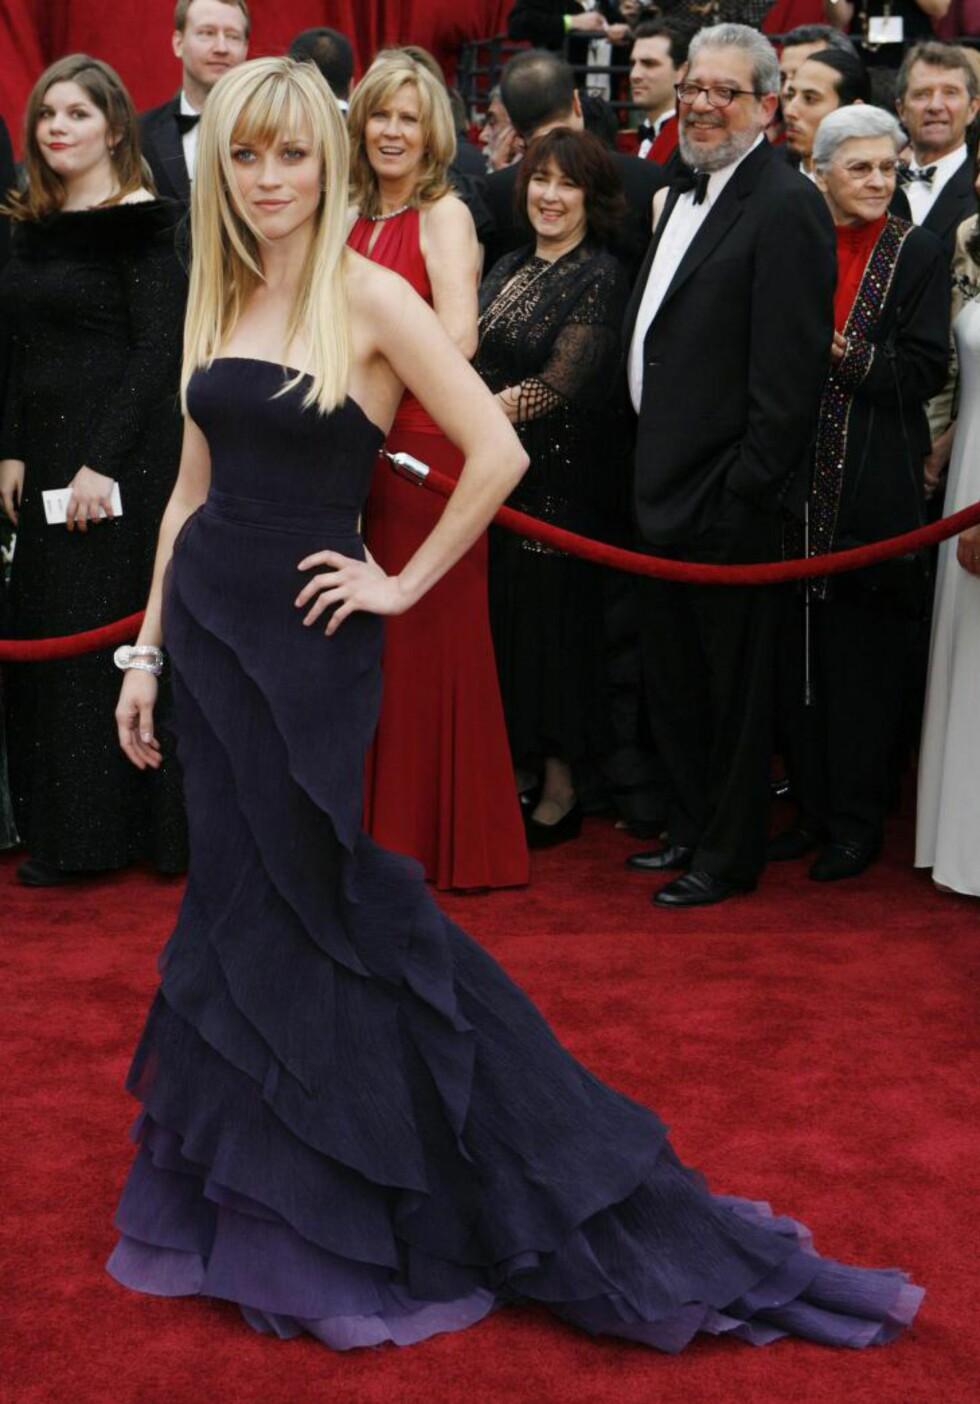 IMAGEENDRING: Nyskilte Reese Witherspoon ankom Oscar-seremonien i 2007 i en lilla Nina Ricci-kole som ble ansett for å være et strategisk valg, som signaliserte at den ofte tekkelige Witherspoon ville vise at hun også kunne spille roller med større innslag av sensualitet. Foto: Scanpix.